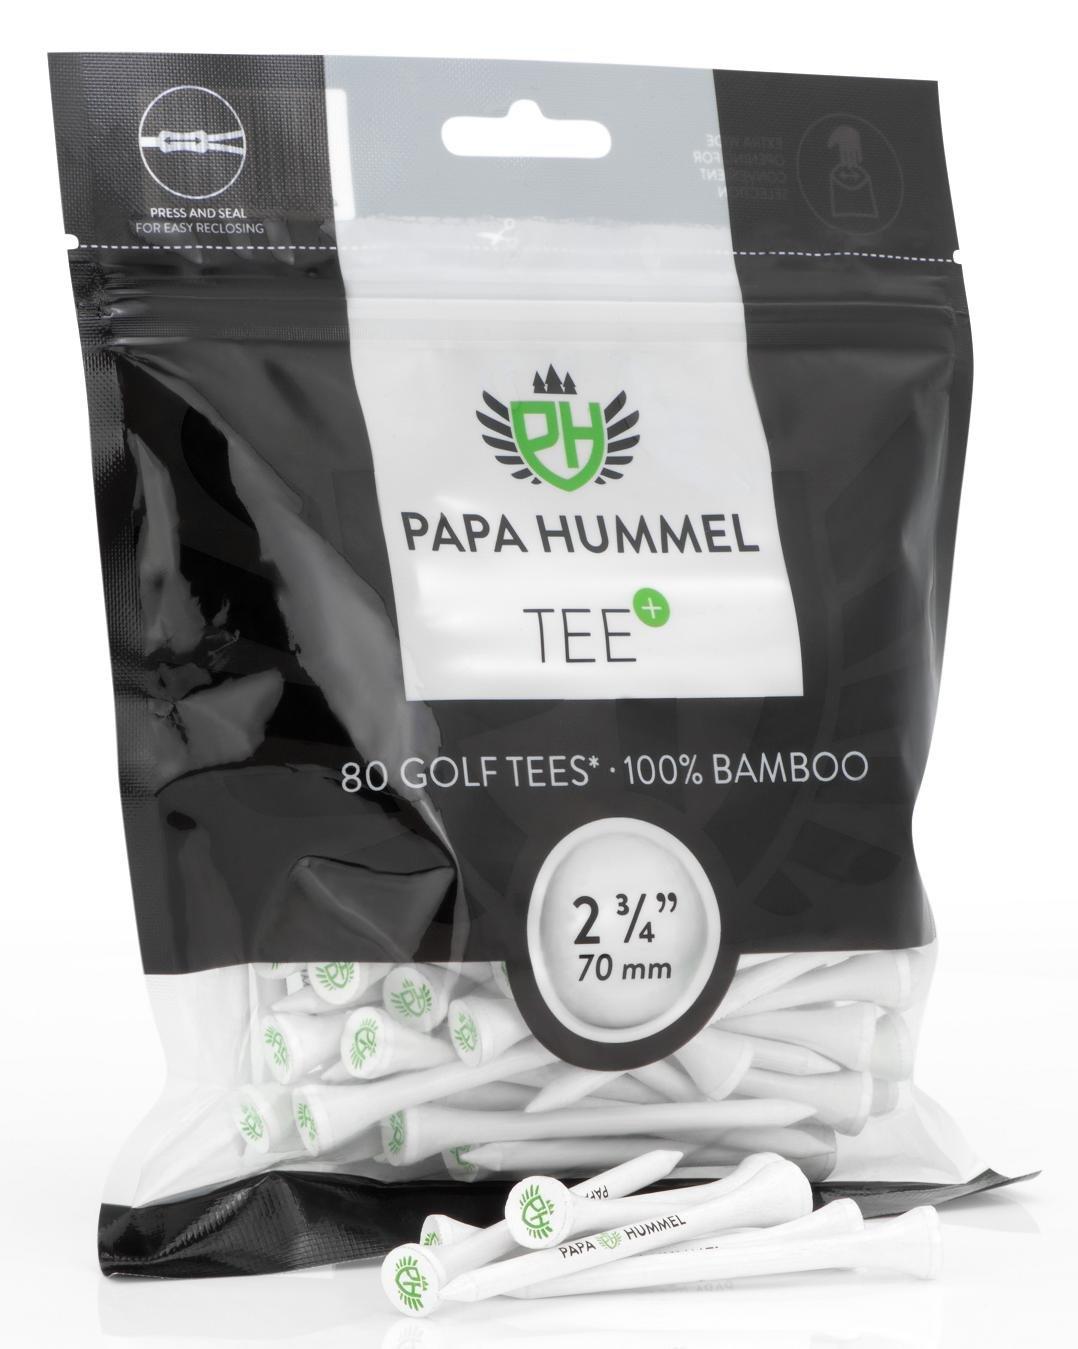 Tees de golf premium - 70mm - 80 piezas - 100% bambú por solo 7,99€